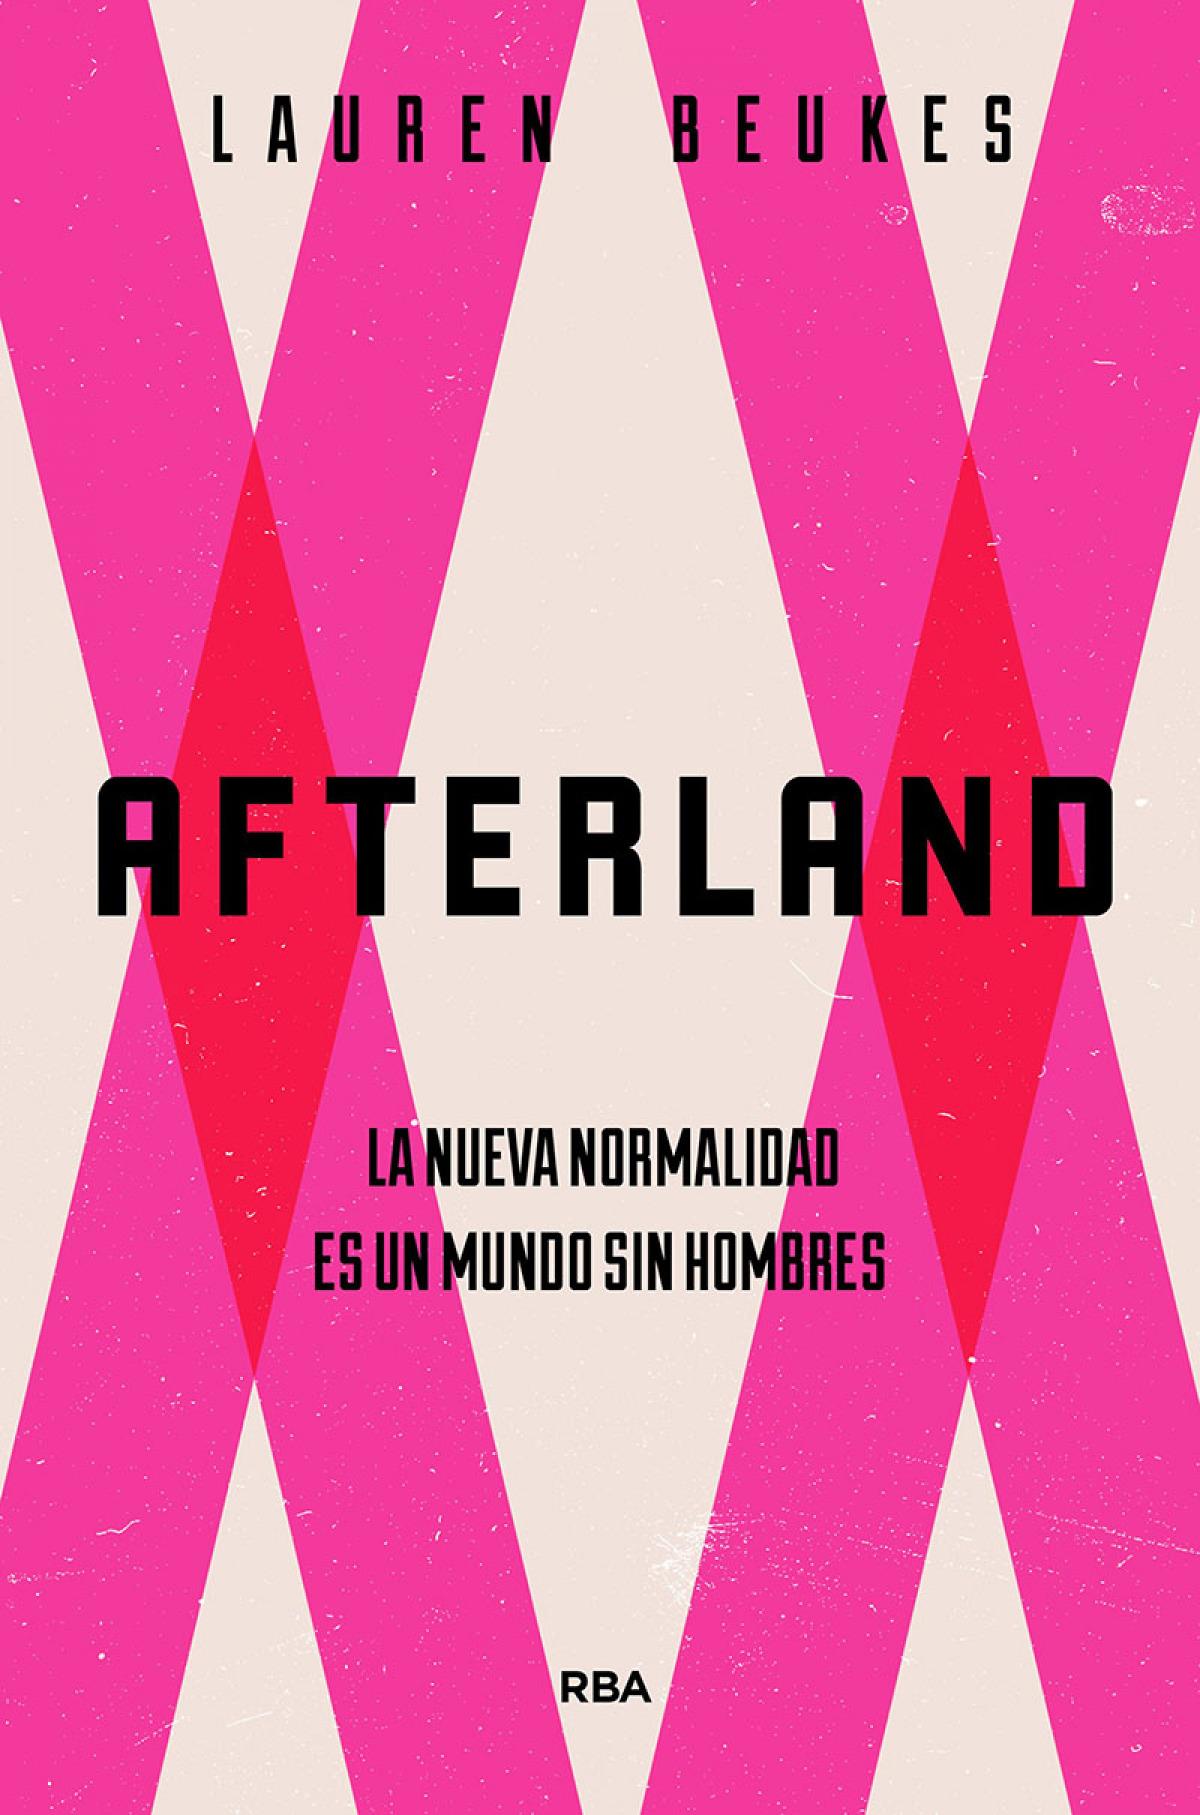 Afterland. La nueva normalidad es un mundo sin hombres